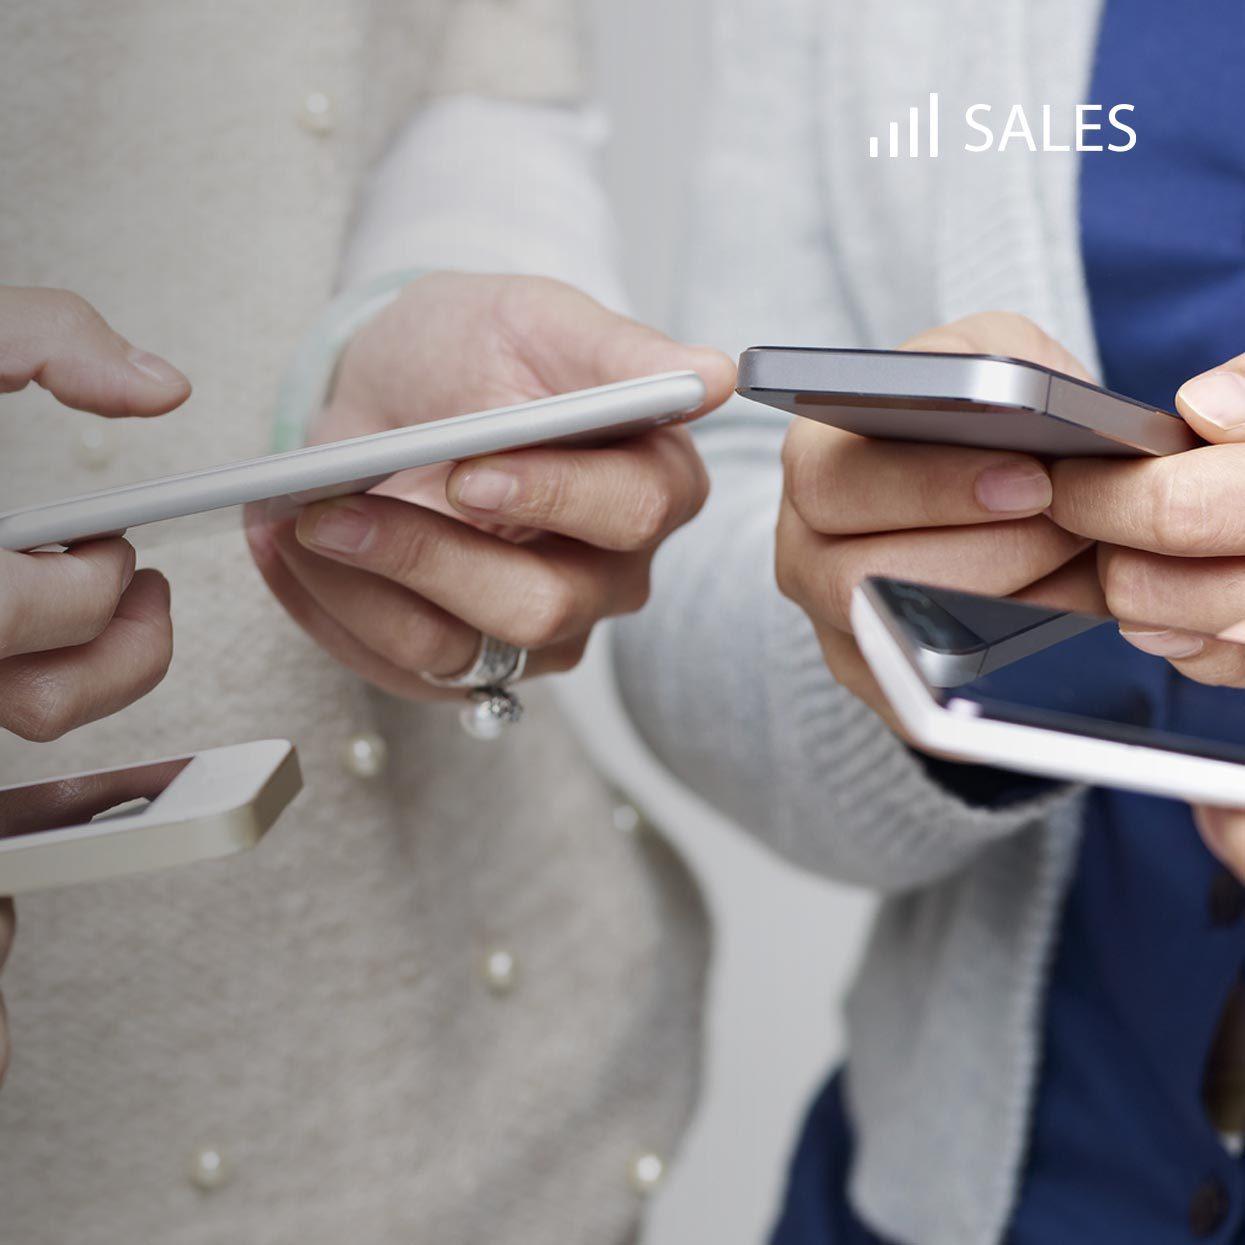 produktbilder_social_selling